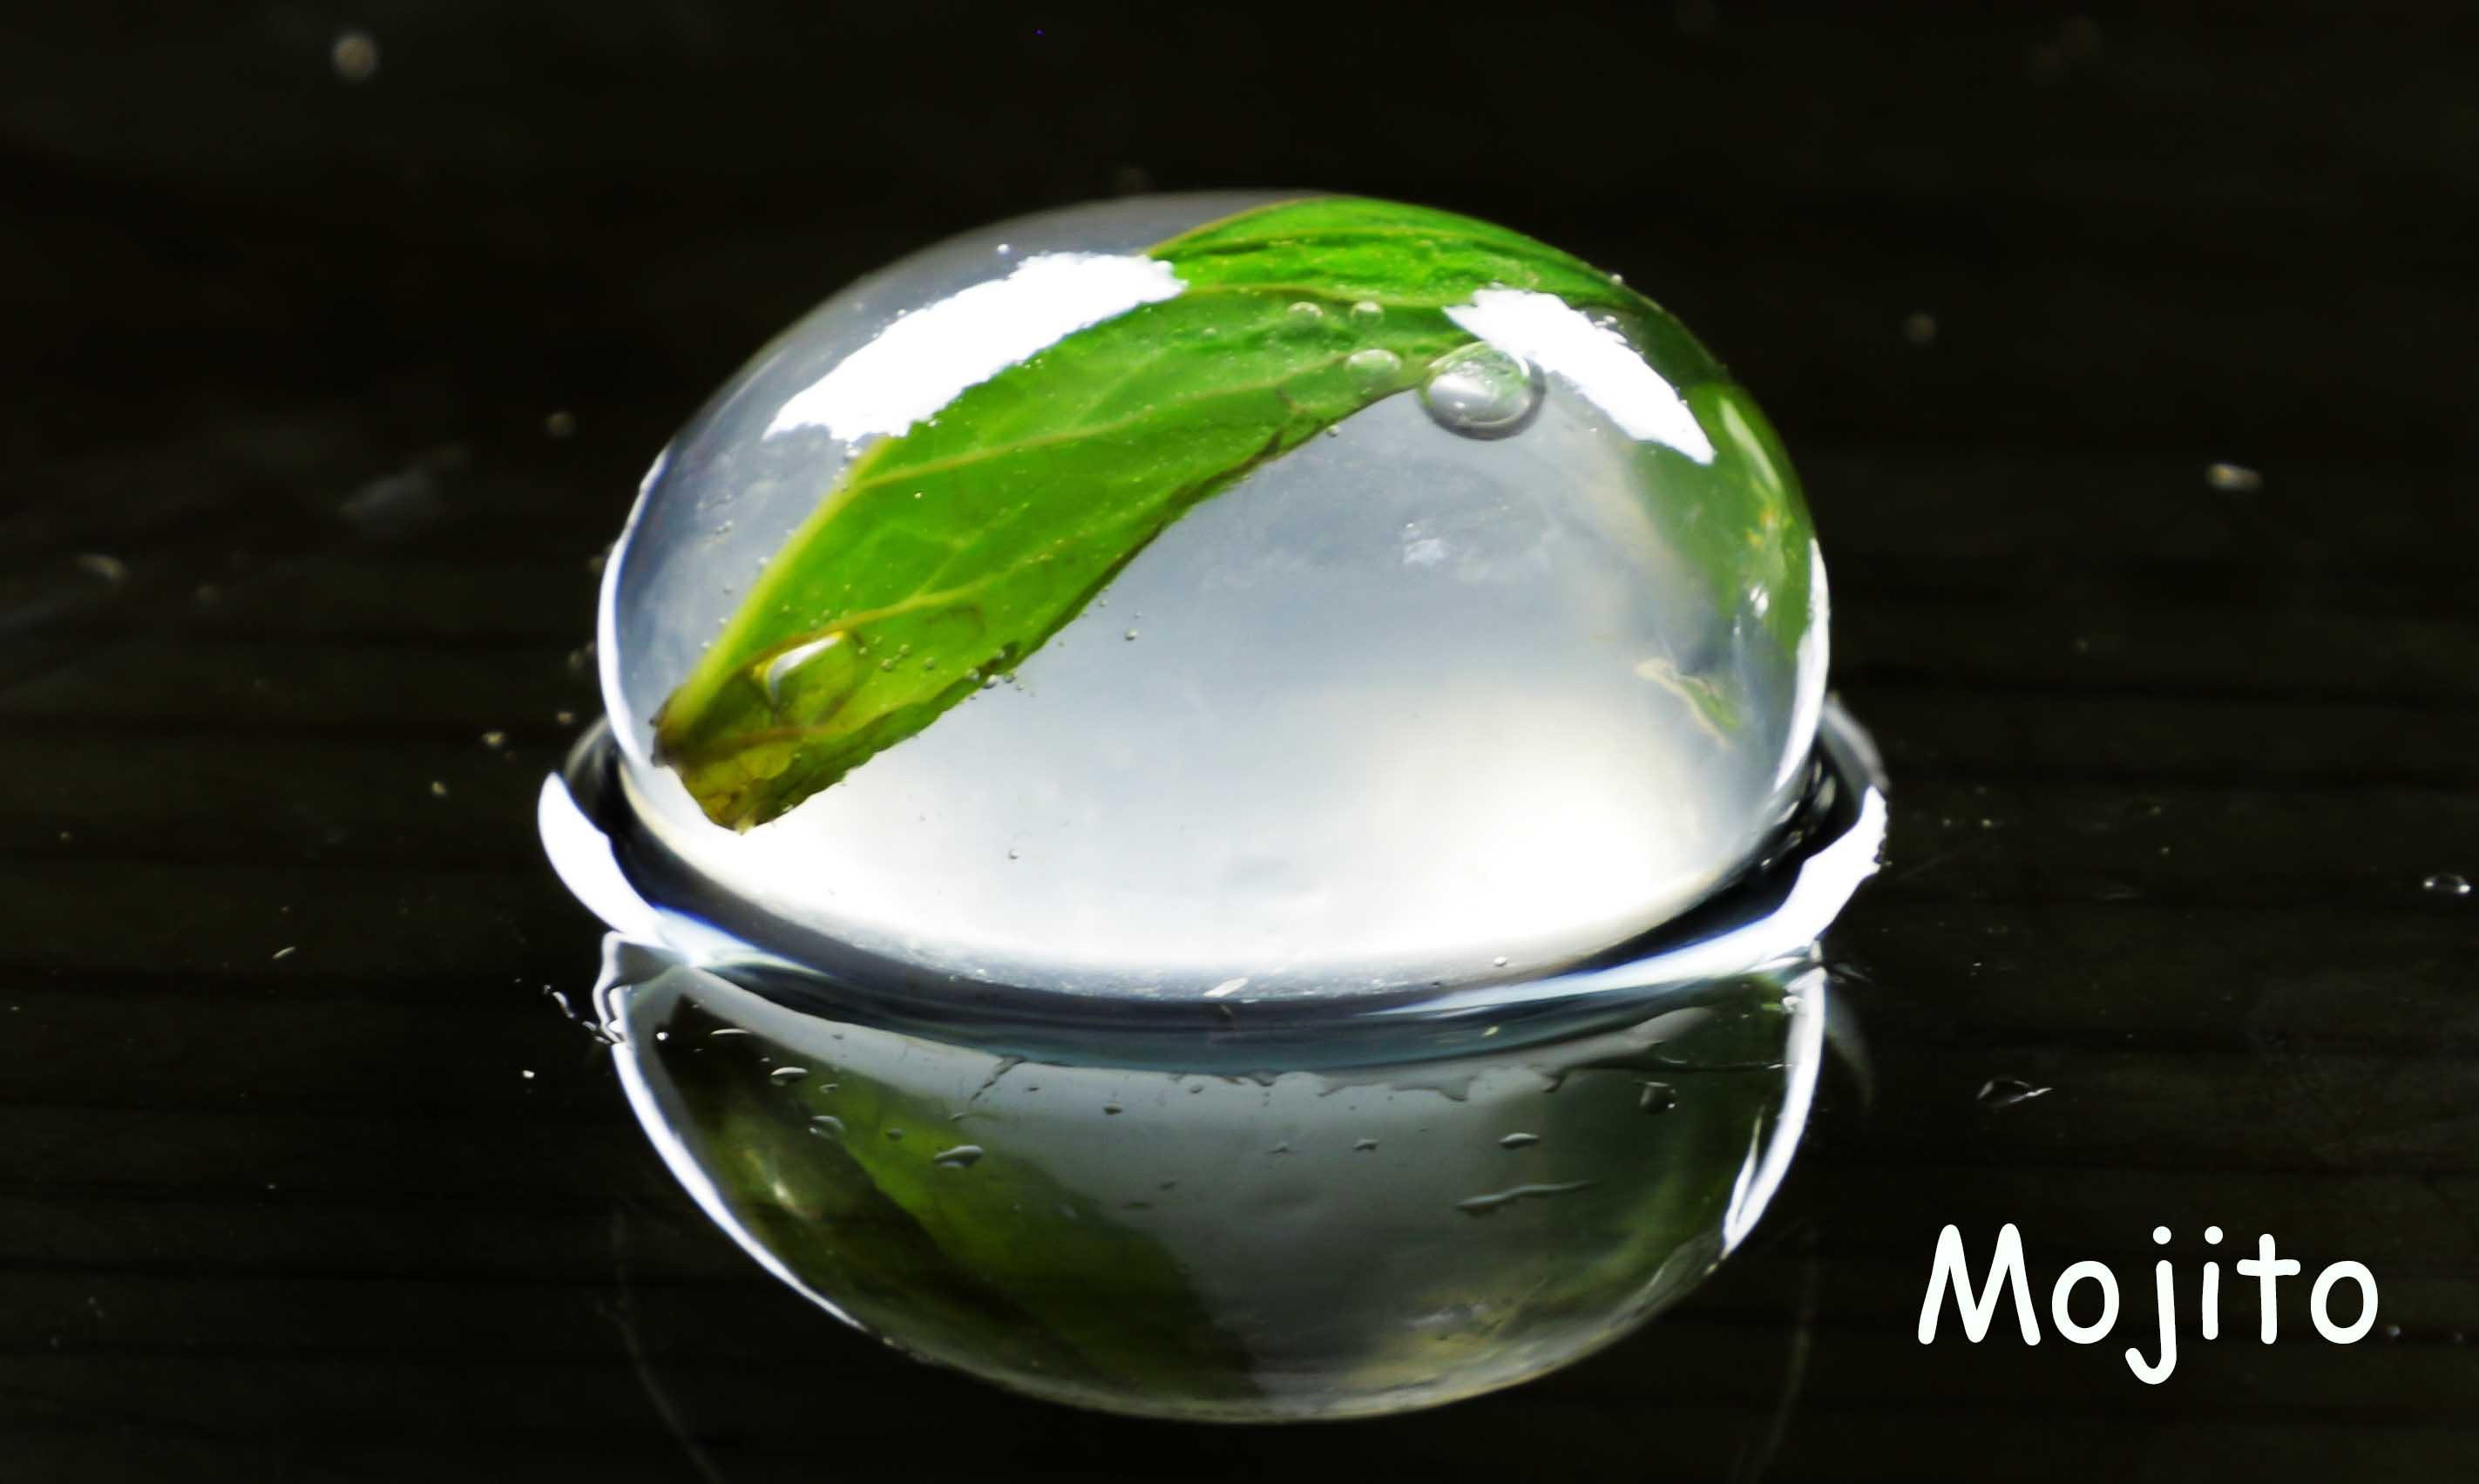 Mojito Widescreen